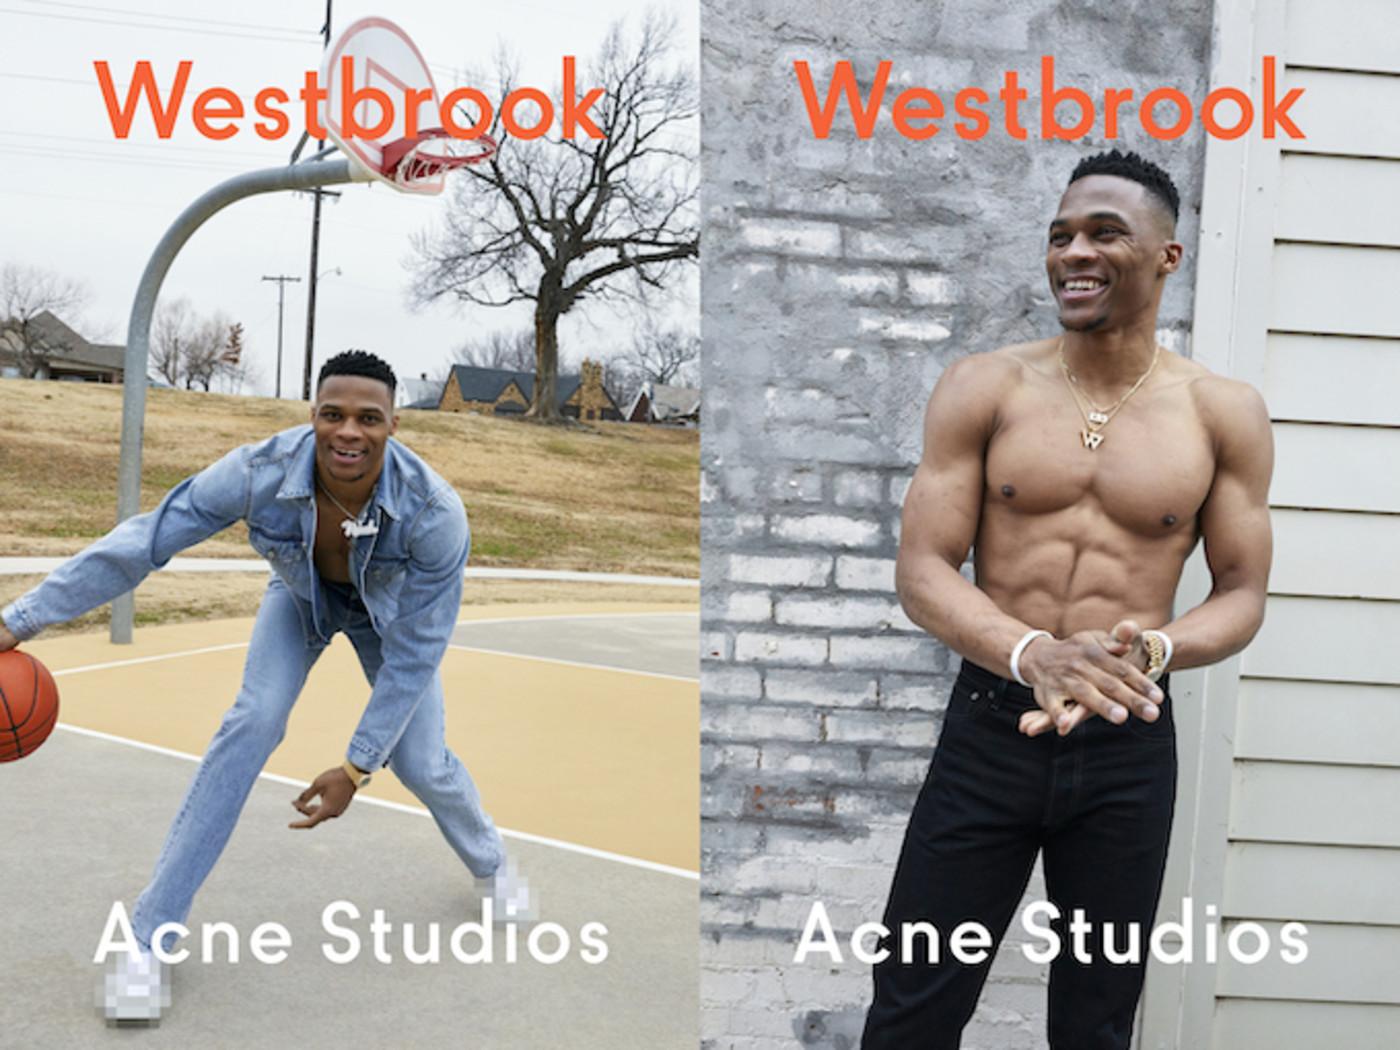 acnestudios-westbrook